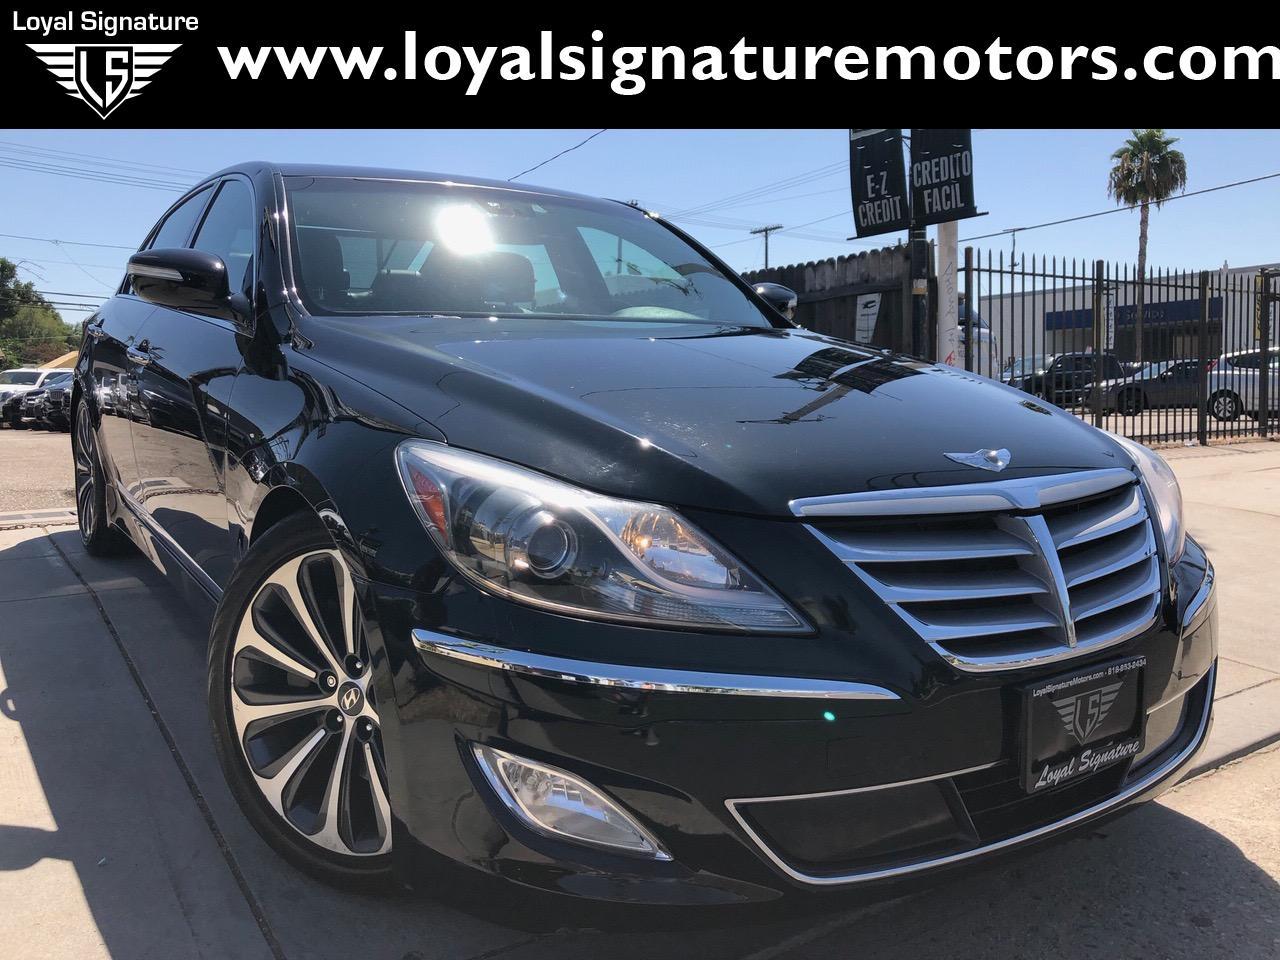 Used 2012 Hyundai Genesis 5.0L R-Spec | Van Nuys, CA